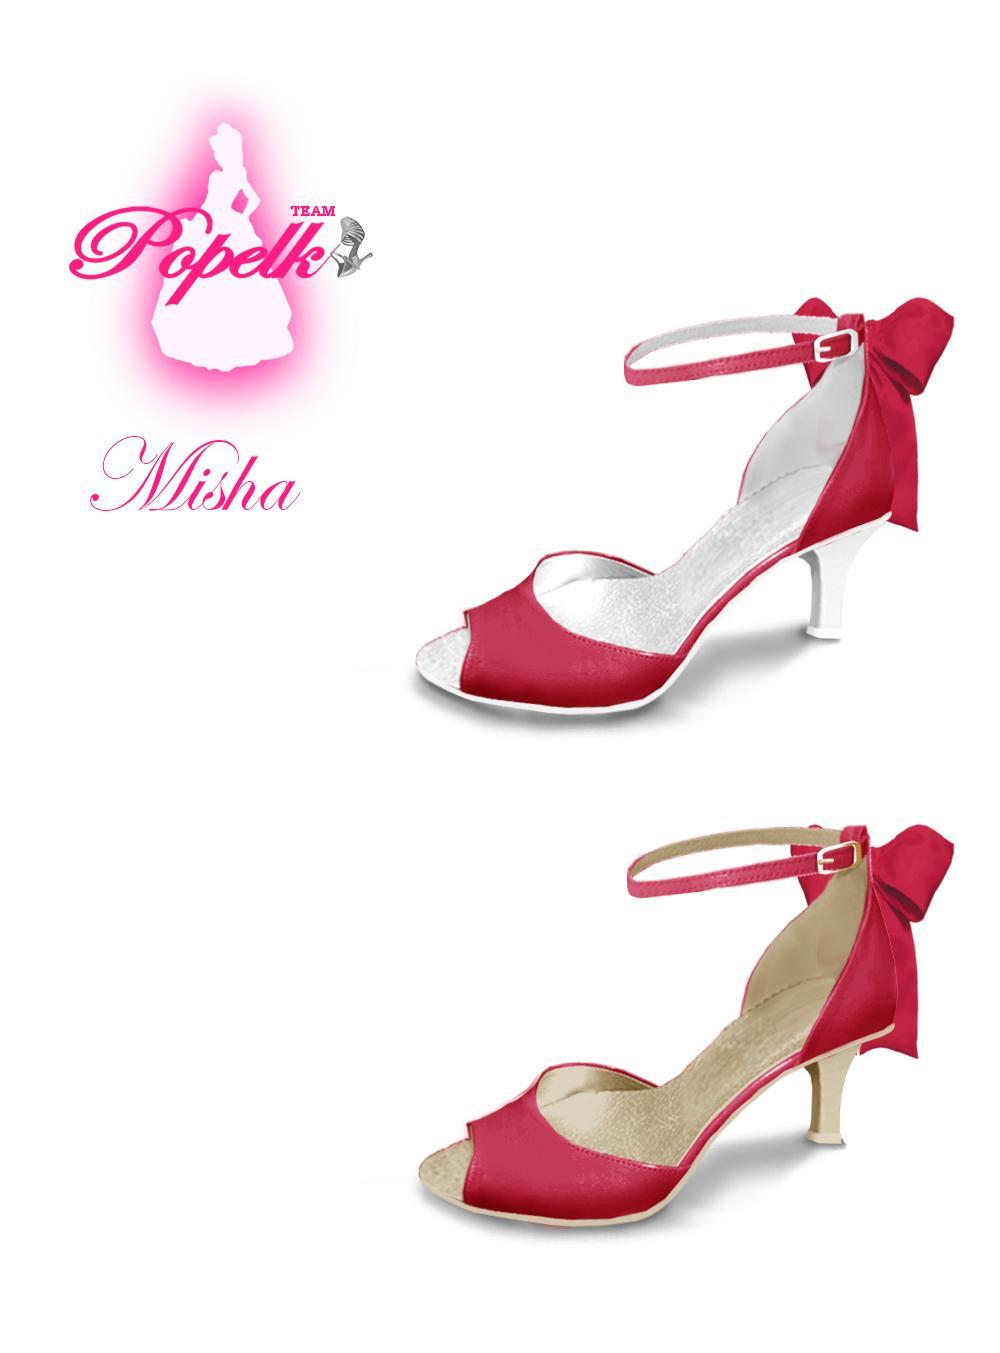 Svadobné topánky s úpravou na želanie - inšpirácie bordó, hnědá, čokoládová - Obrázok č. 51